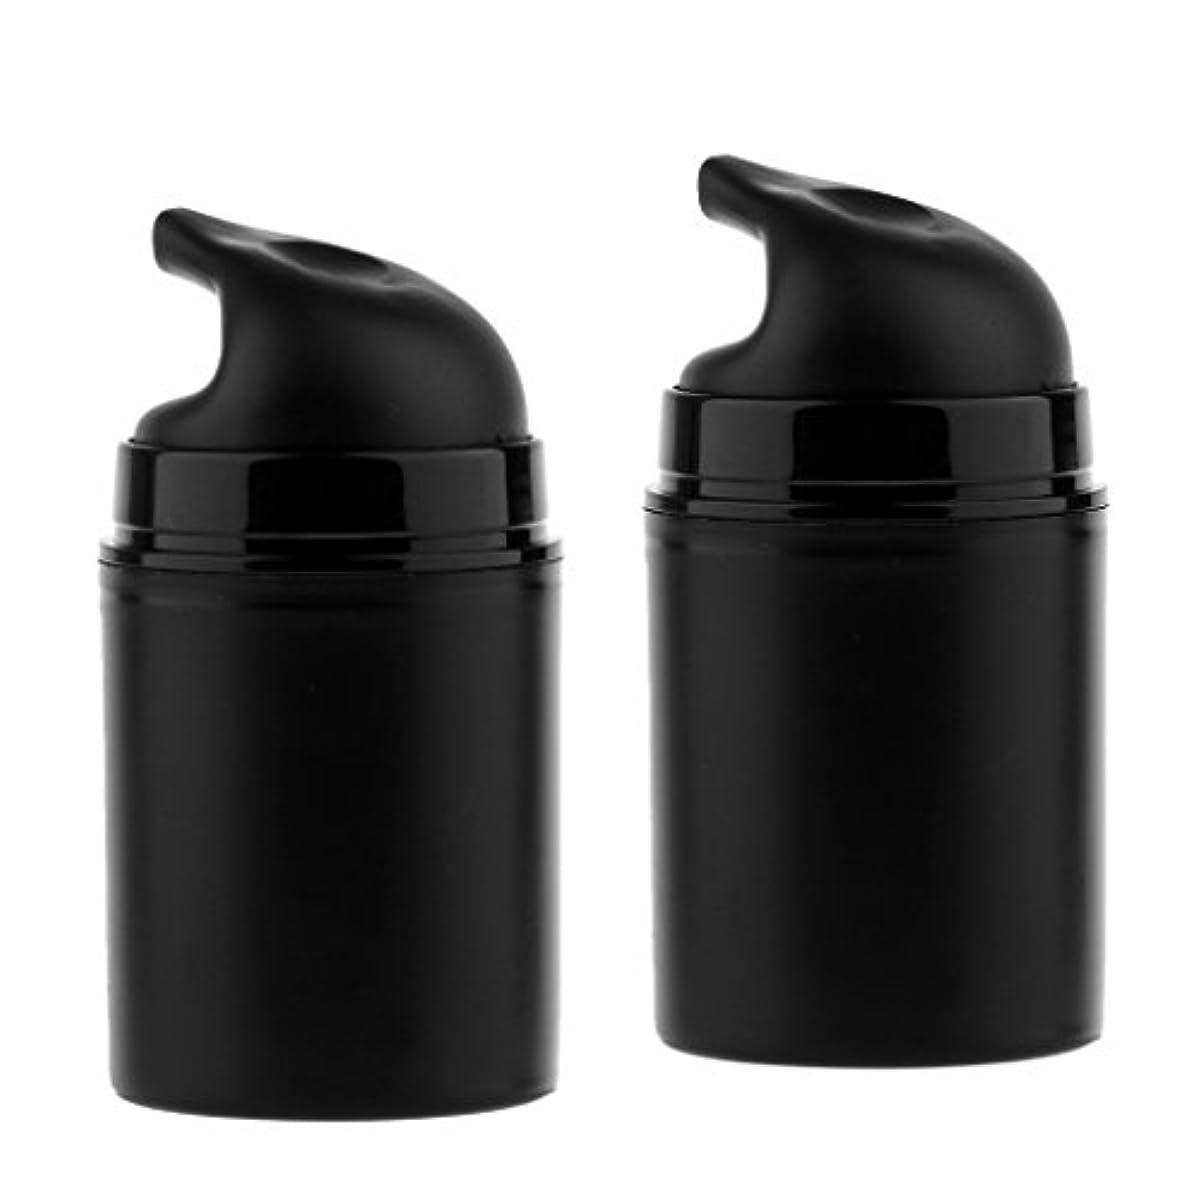 素朴な関数リード2本 ポンプボトル 空ボトル ローション コスメ ティック クリームボトル エアレスポンプディスペンサー 50ml 2色選べる - ブラック